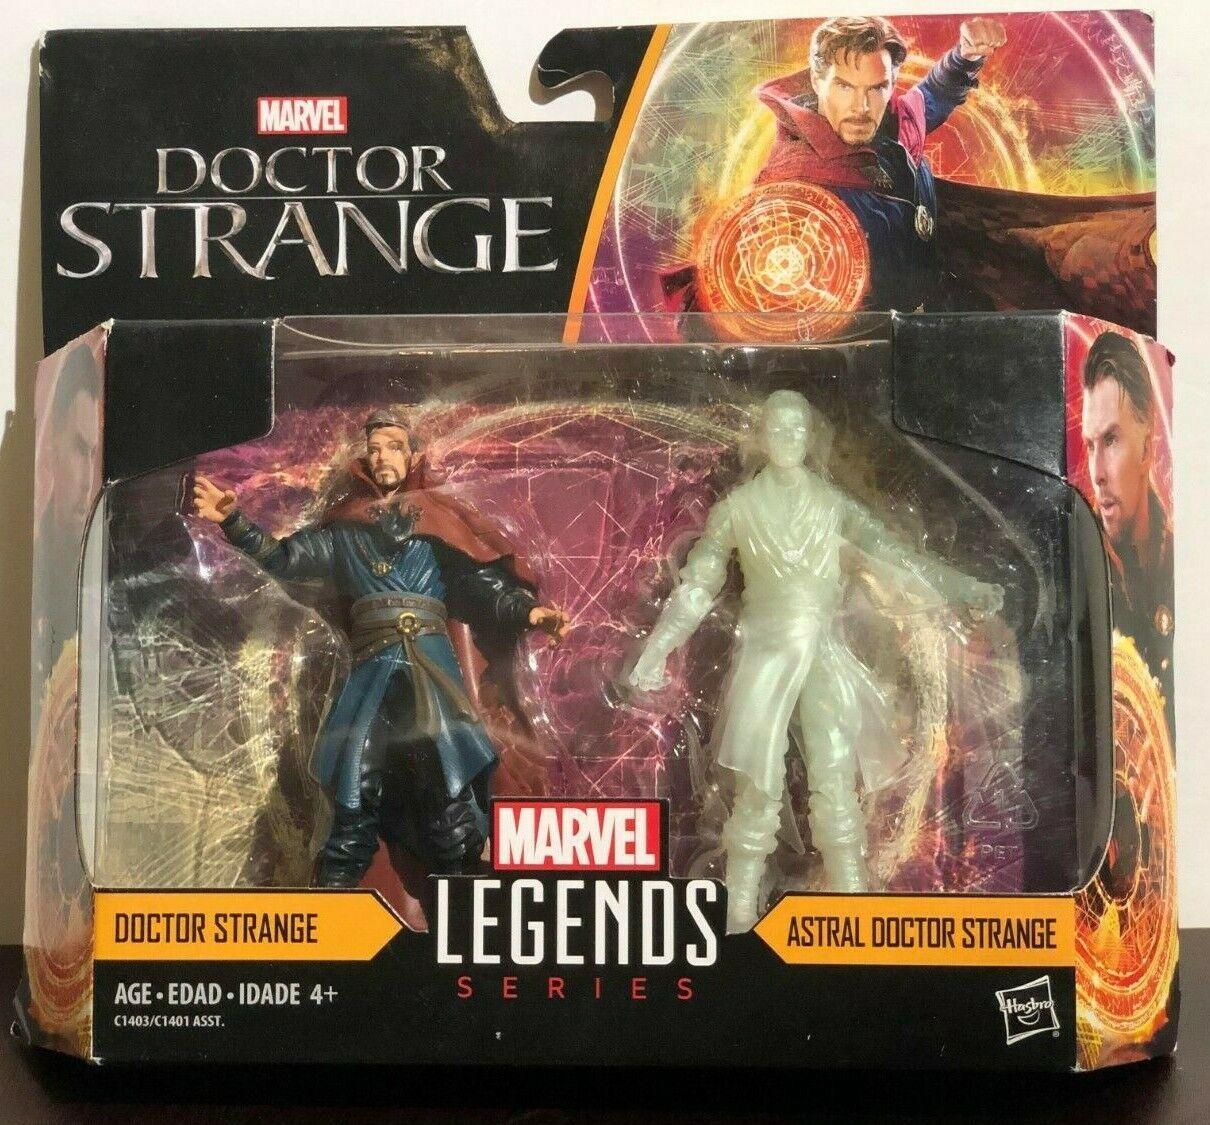 Marvel Legends Doctor Strange Doctor Strange & Astral Doctor